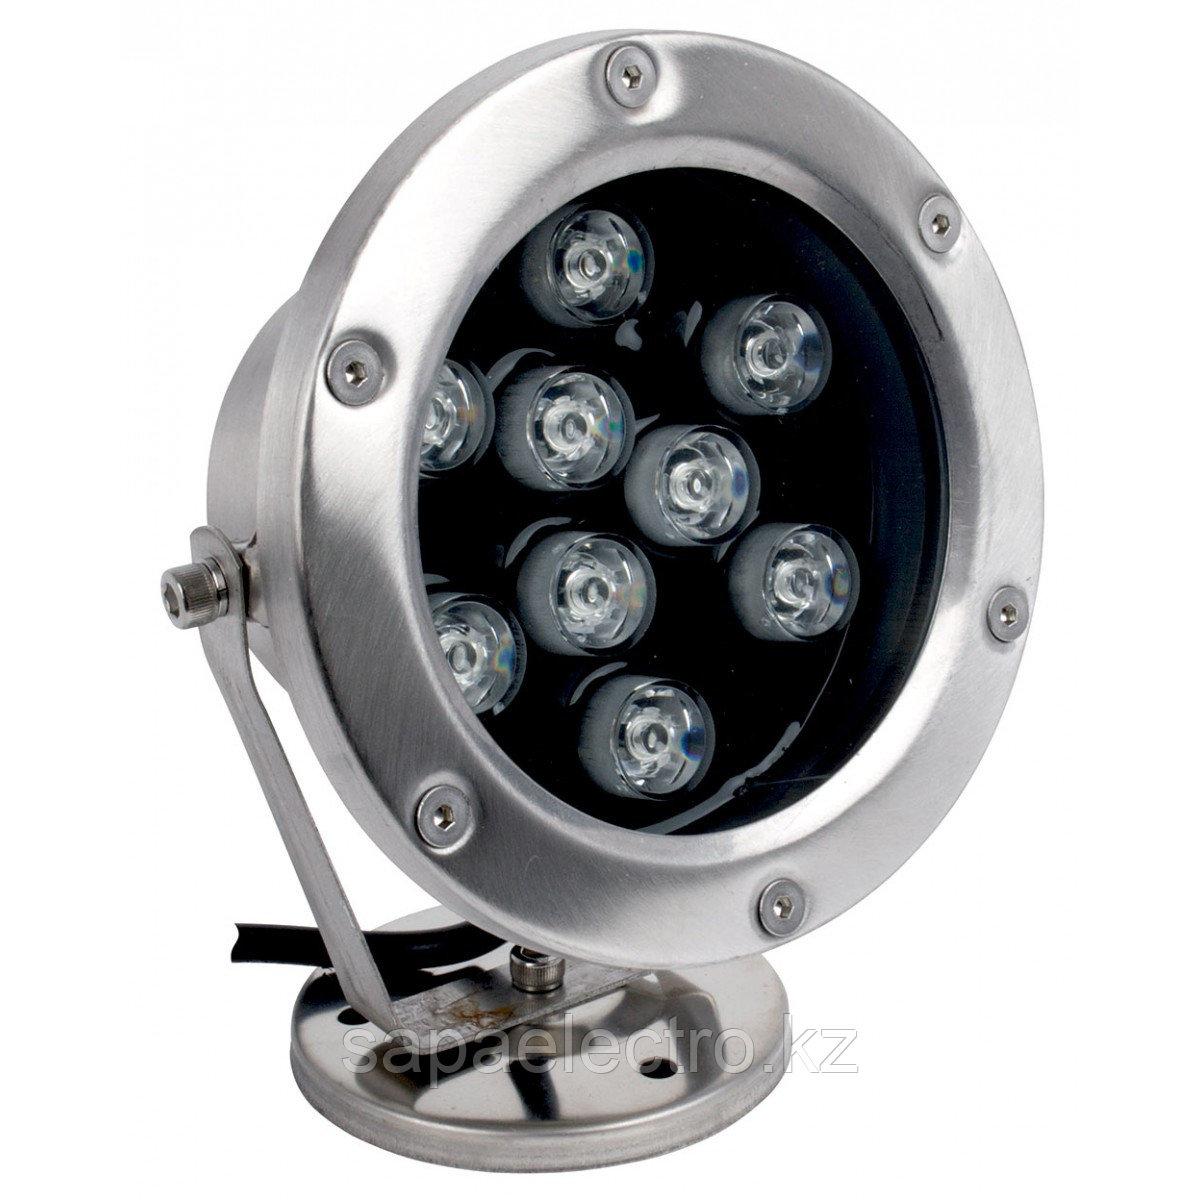 Подв.прожектор LED F6008 9W RGB-DMX  IP68 (TS)12шт